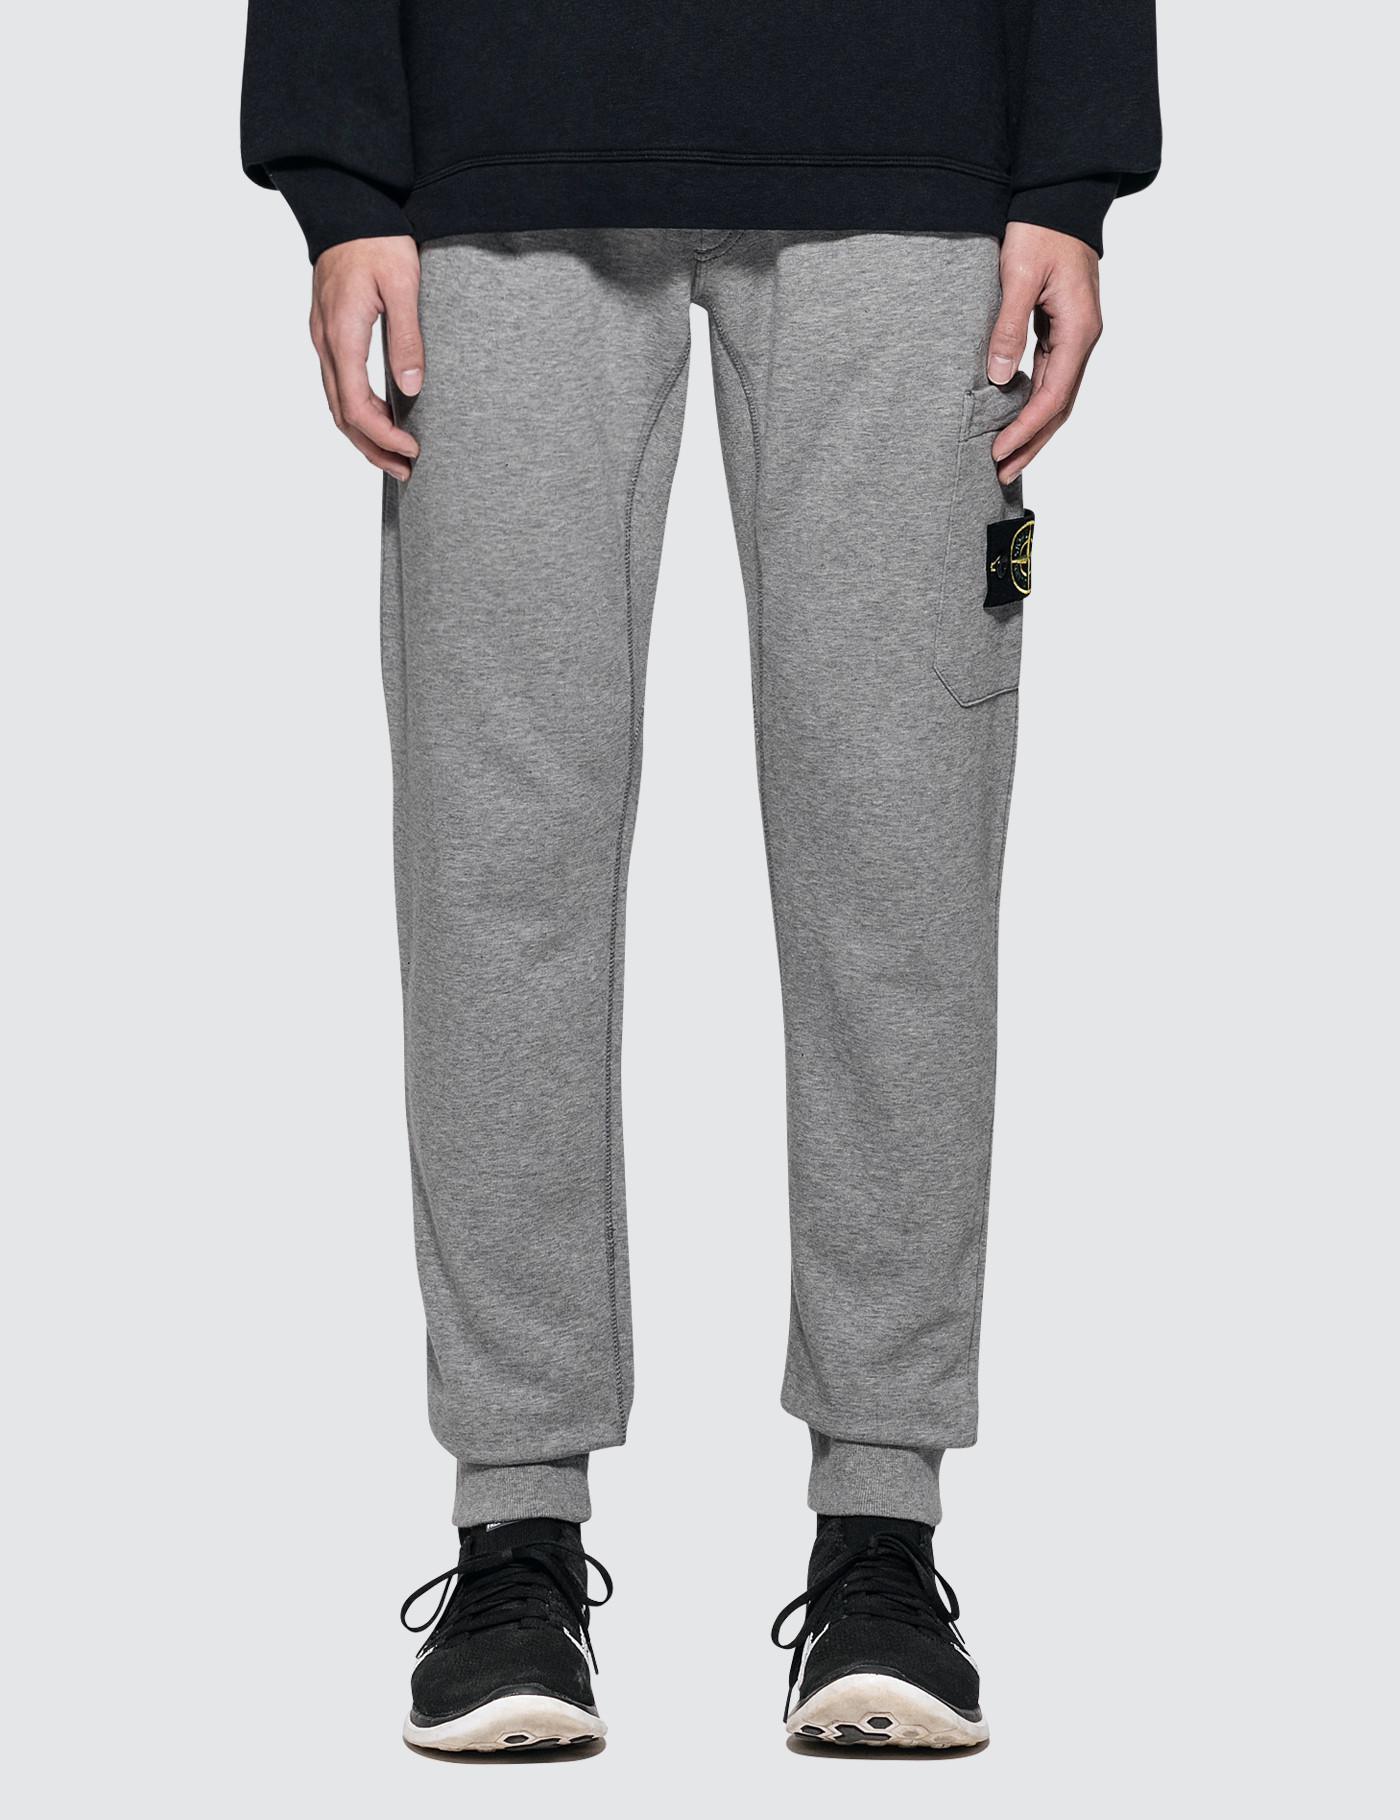 84df781e7889 Stone Island Fleece Trousers in Gray for Men - Lyst